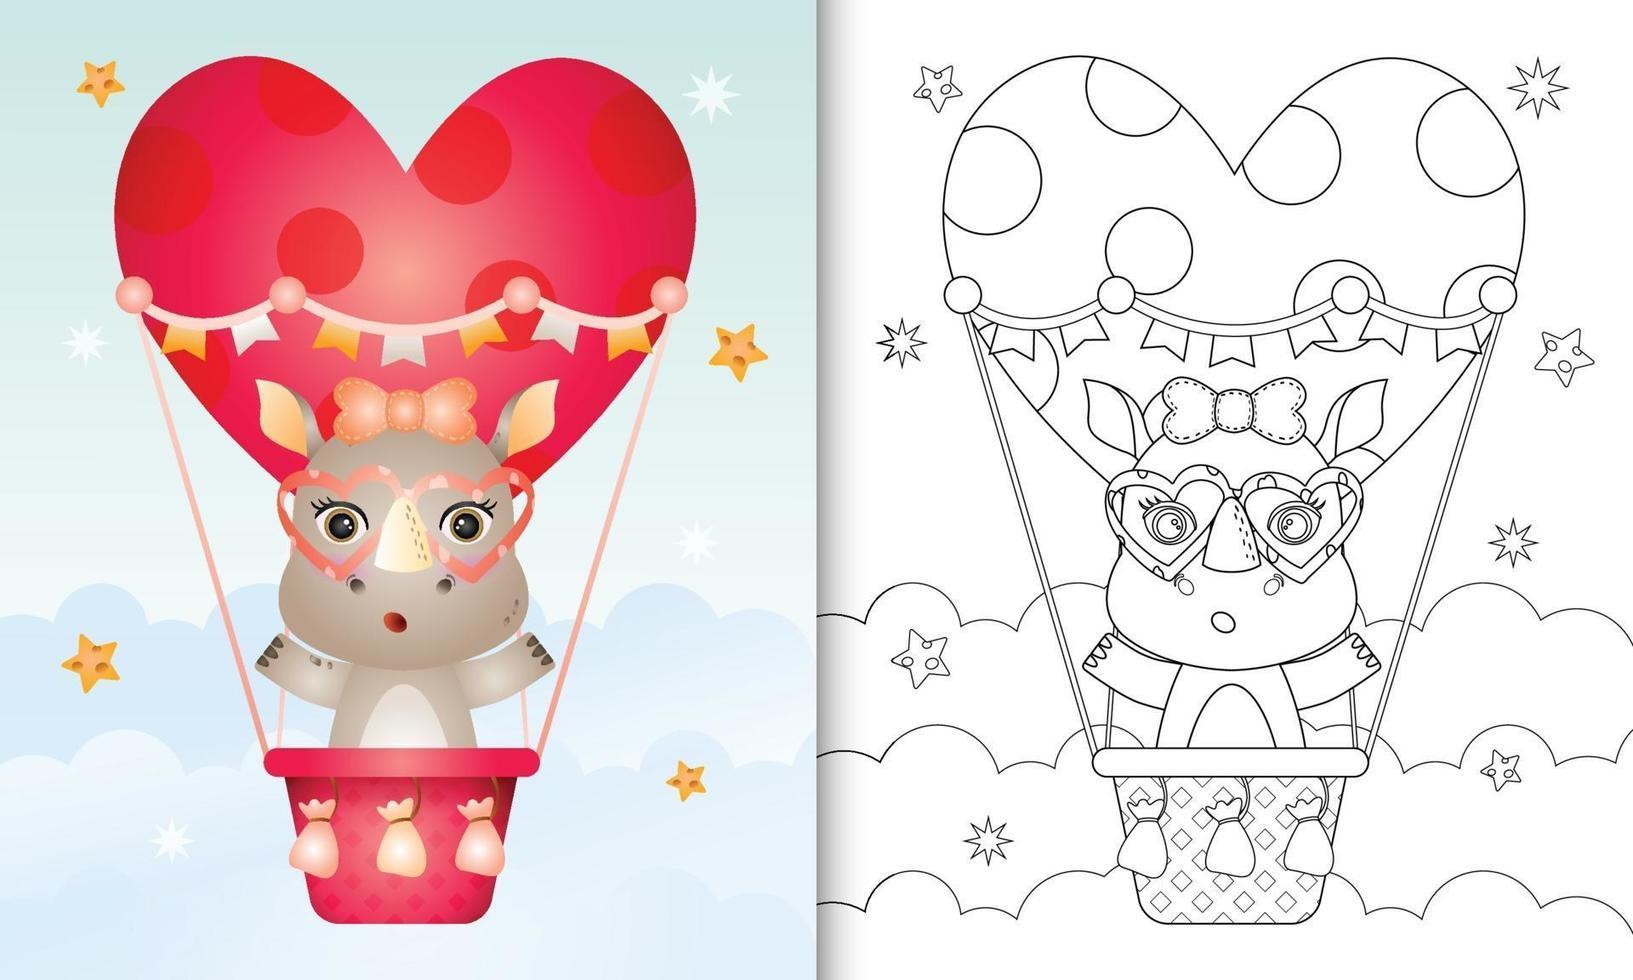 Malbuch für Kinder mit einer niedlichen Nashornfrau auf Heißluftballon lieben themenorientierten Valentinstag vektor